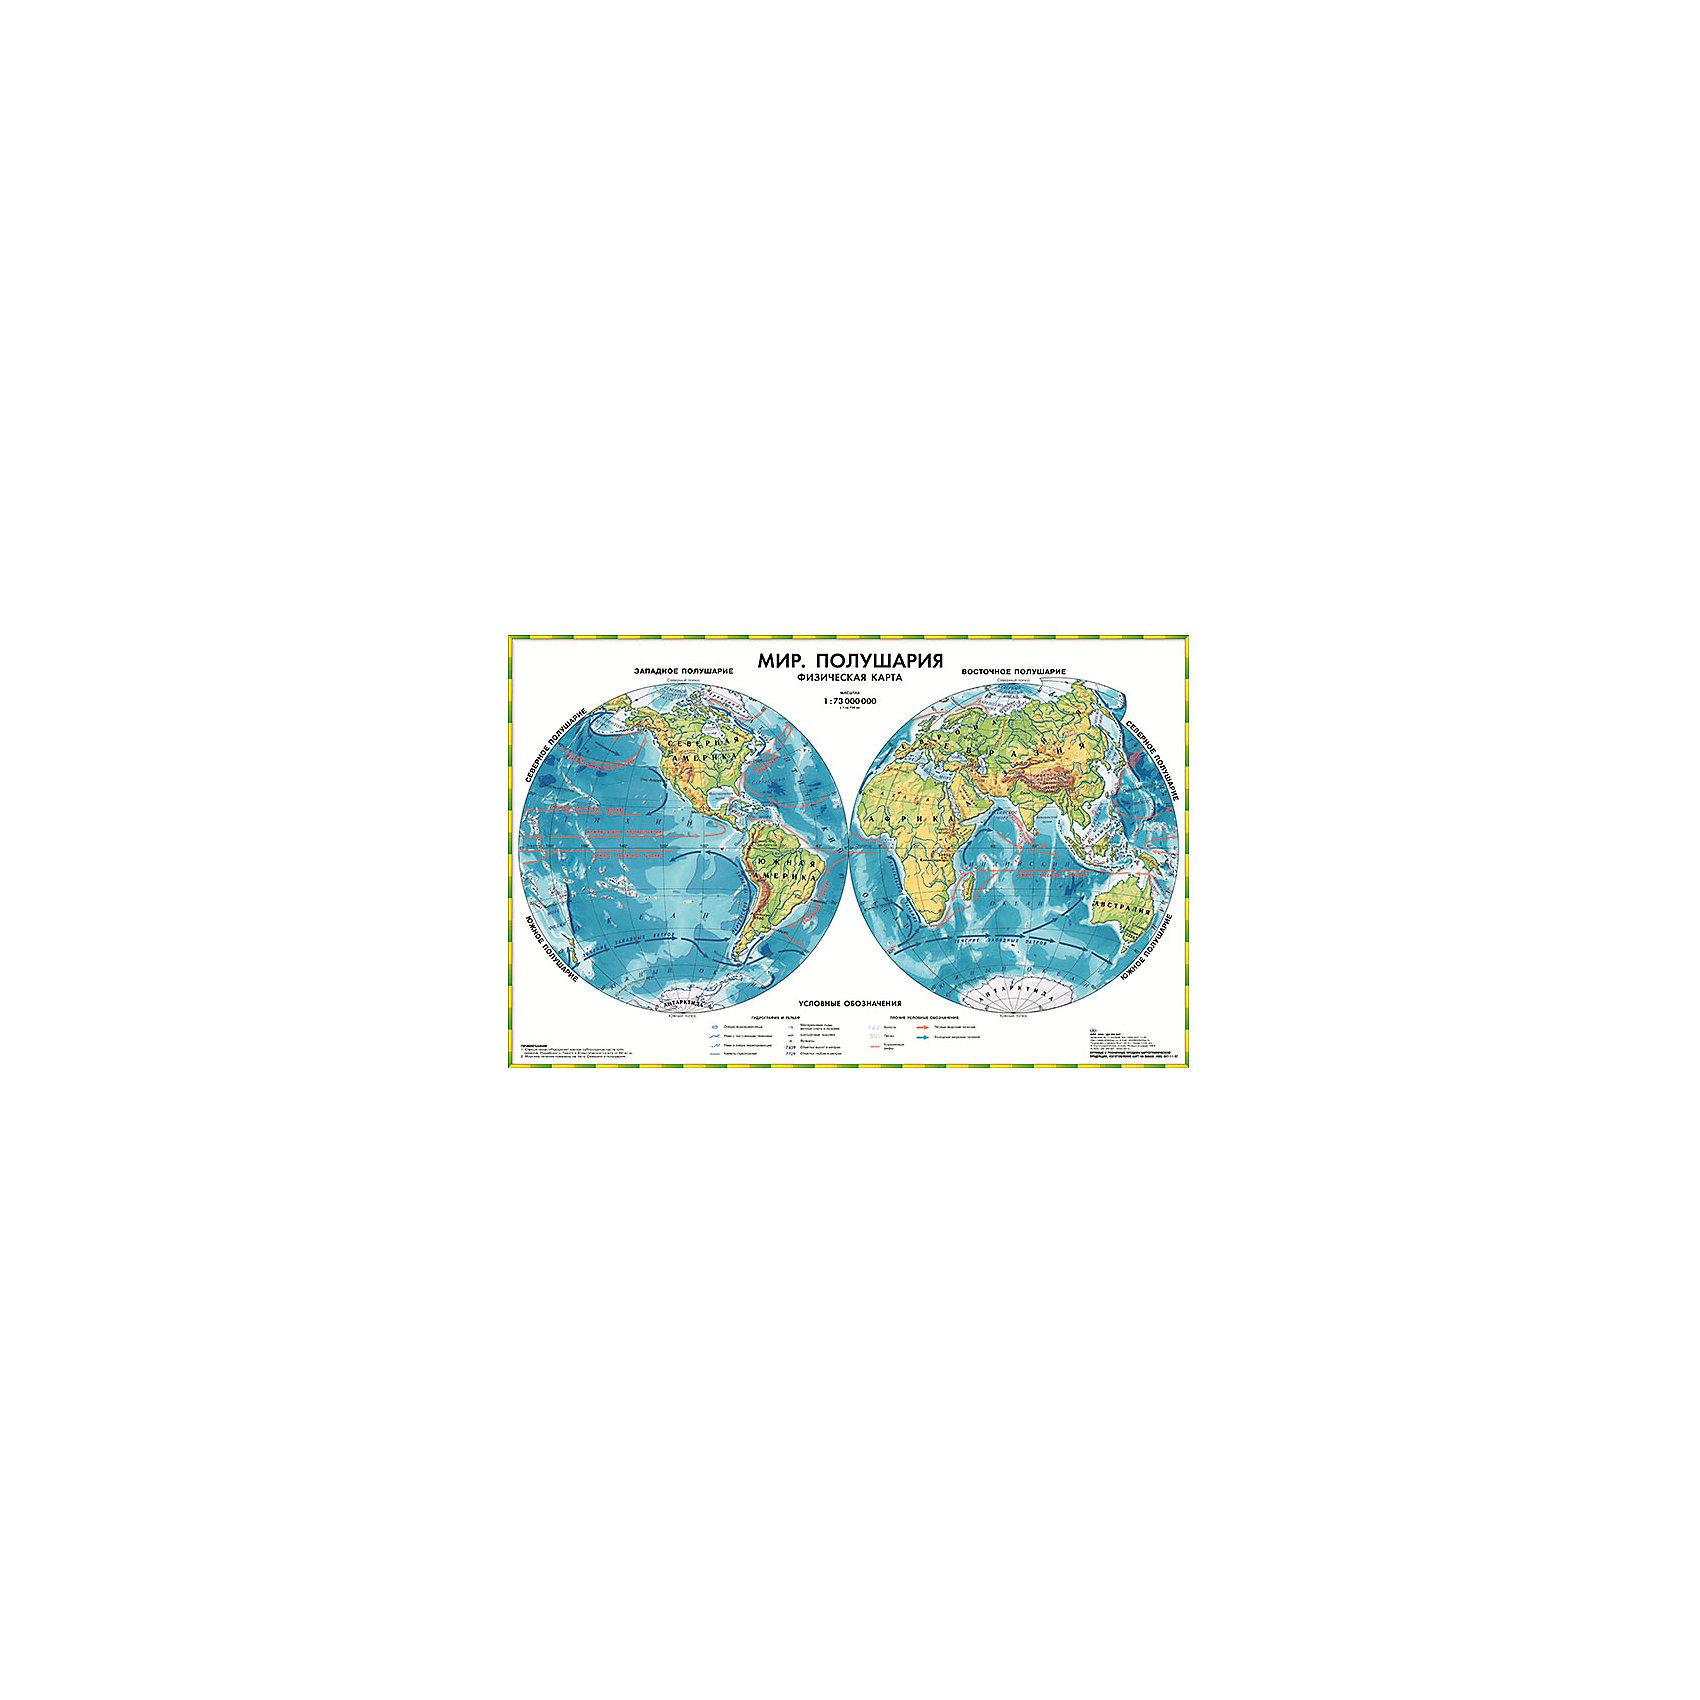 Настольная физическая карта Полушария, масштаб 1:73Карта выполнена в виде двух отдельных полушарий – восточного и западного – с точным разделением их по долготе и соблюдением общепринятых условных обозначений ландшафта земной коры. На оборотной стороне размещено красочное изображение вращения Земли вокруг своей оси и движение его вокруг Солнца.<br><br>Дополнительная информация:<br><br>- Материал: бумага.<br>- Размер: 58х37 см.<br>- Двусторонняя карта. <br>- Масштаб: 1:73.<br><br>Настольную физическую карту Полушария, (масштаб 1:73) можно купить в нашем магазине.<br><br>Ширина мм: 370<br>Глубина мм: 570<br>Высота мм: 370<br>Вес г: 90<br>Возраст от месяцев: 36<br>Возраст до месяцев: 2147483647<br>Пол: Унисекс<br>Возраст: Детский<br>SKU: 4093402